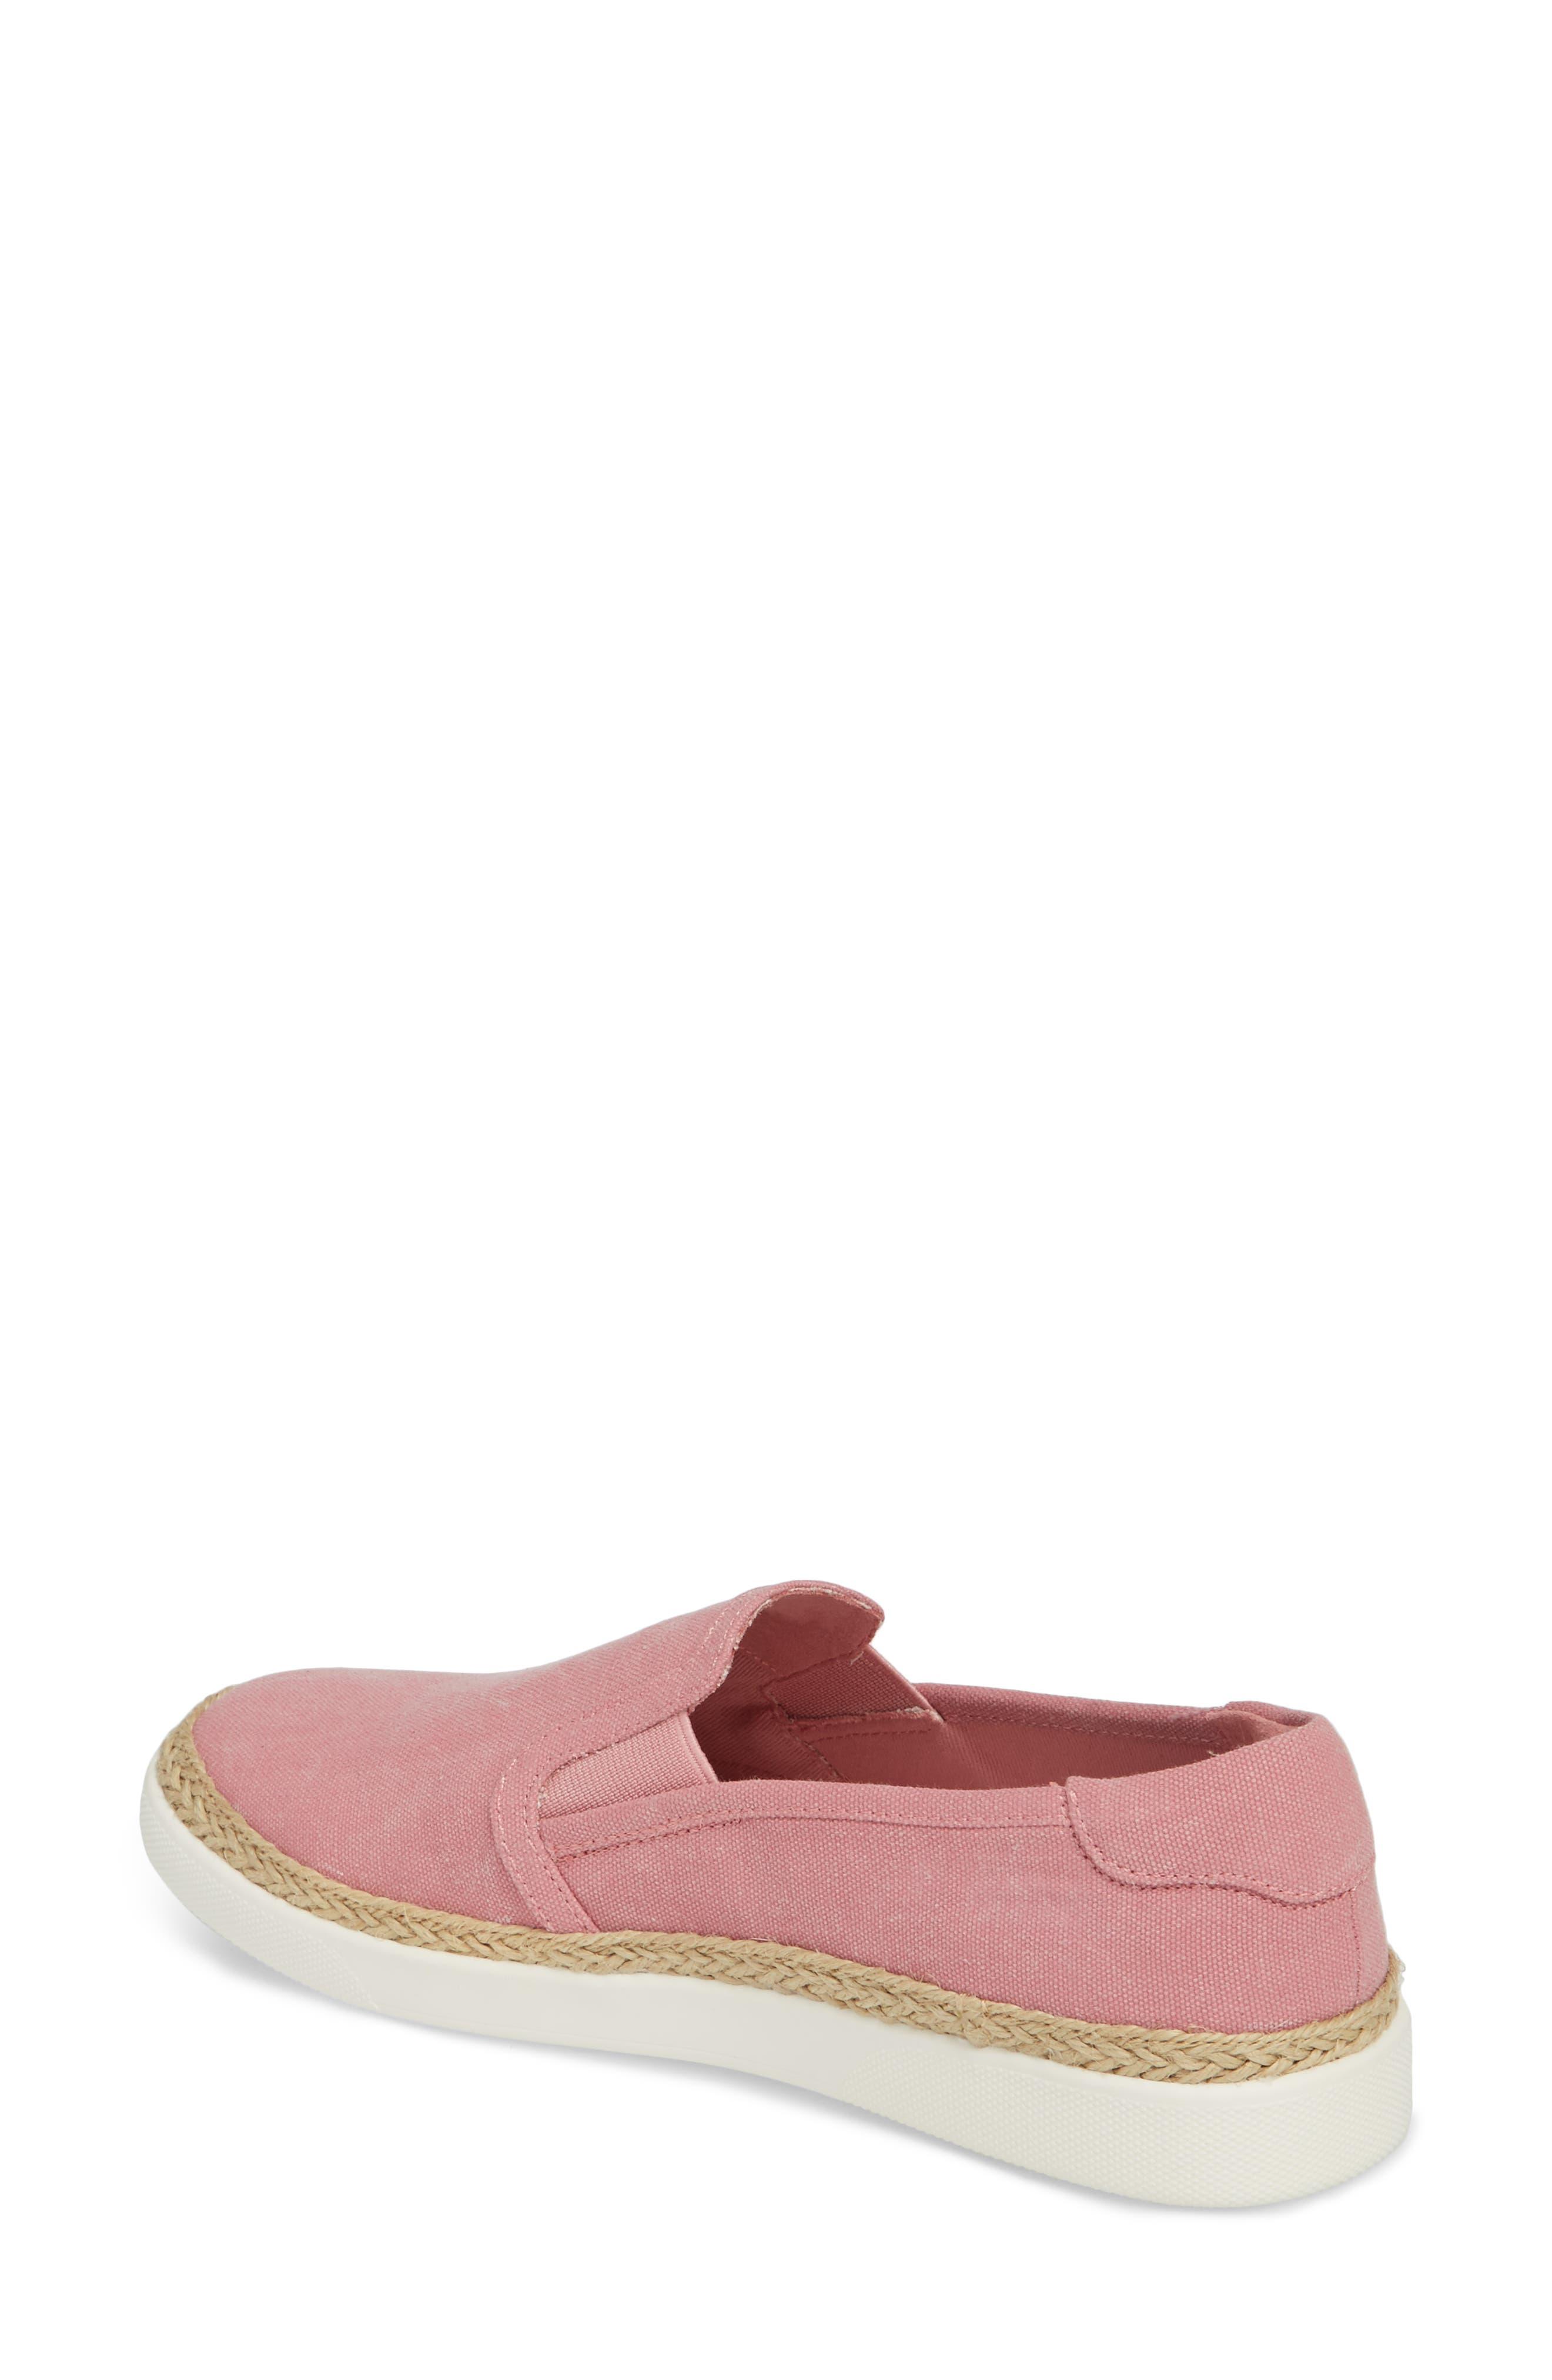 Rae Slip-On Sneaker,                             Alternate thumbnail 2, color,                             Light Pink Canvas